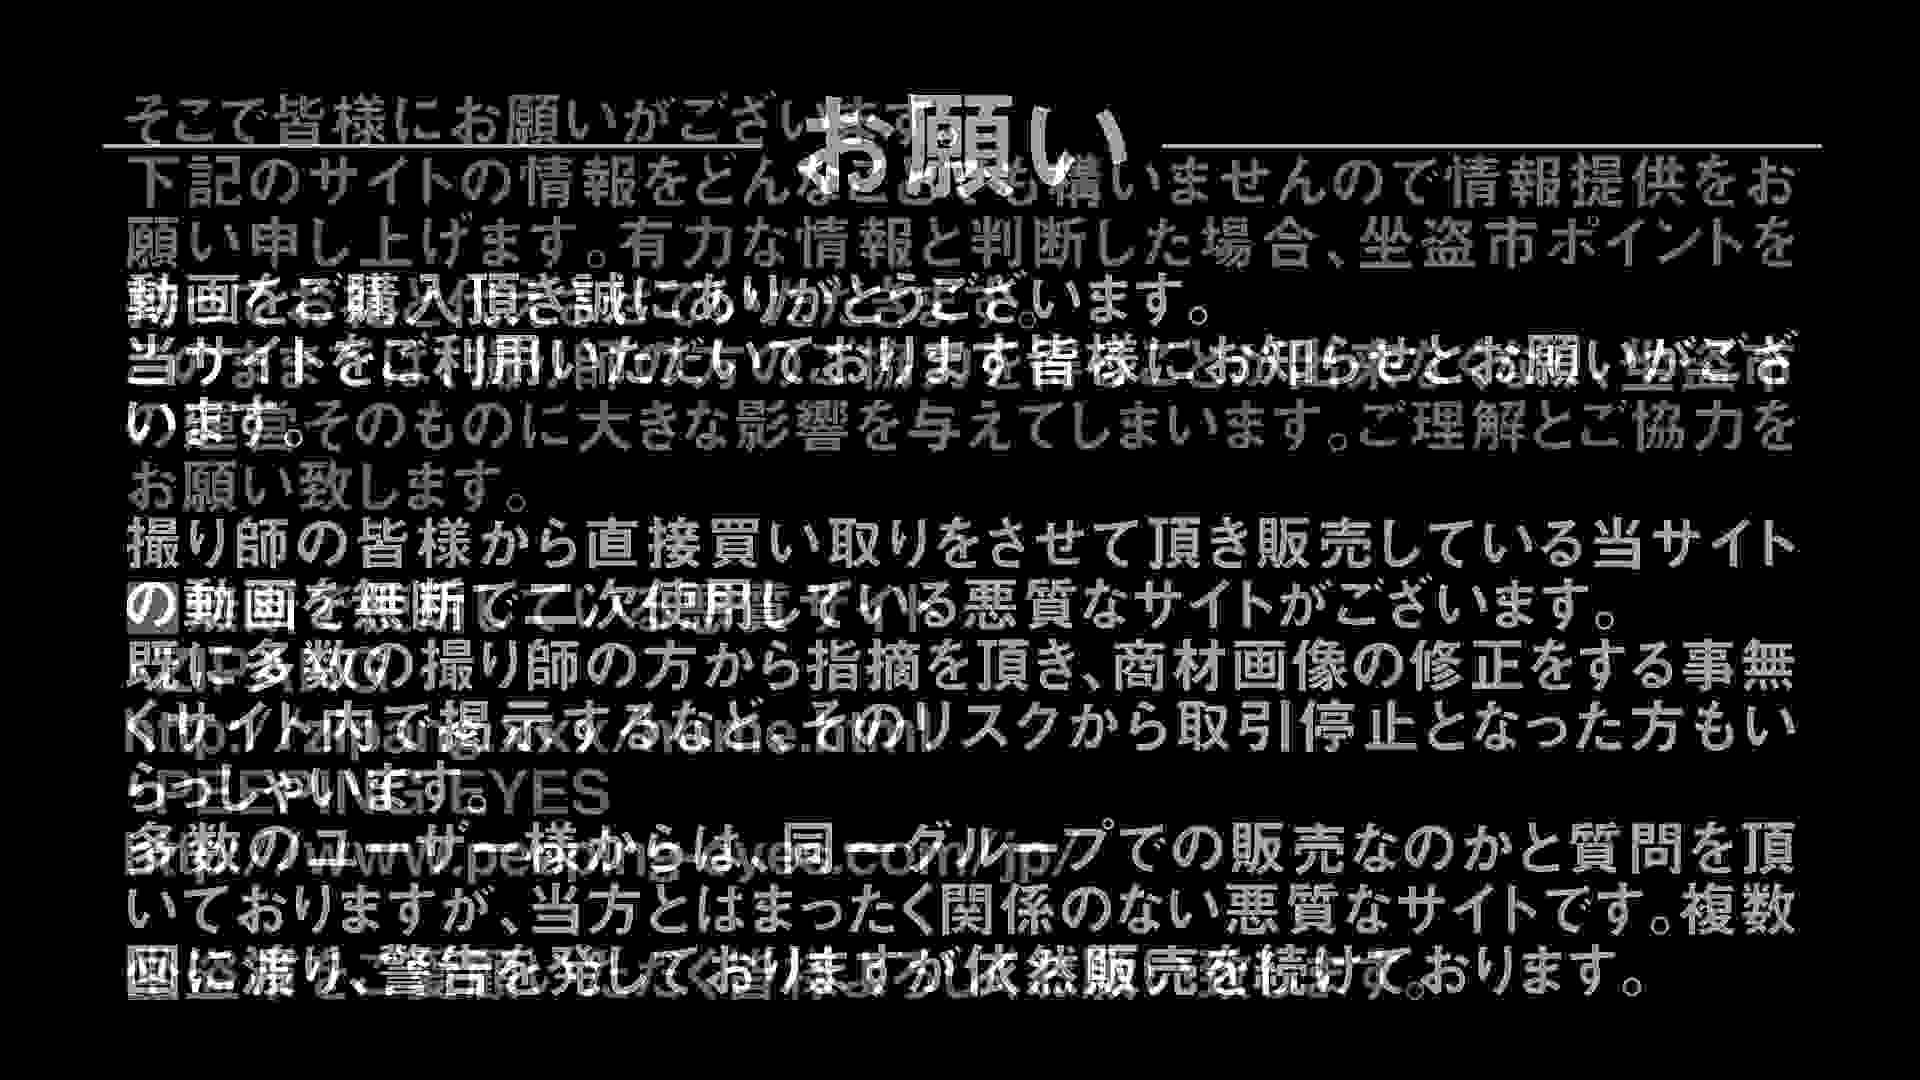 Aquaな露天風呂Vol.300 盗撮 | 露天風呂  83連発 22